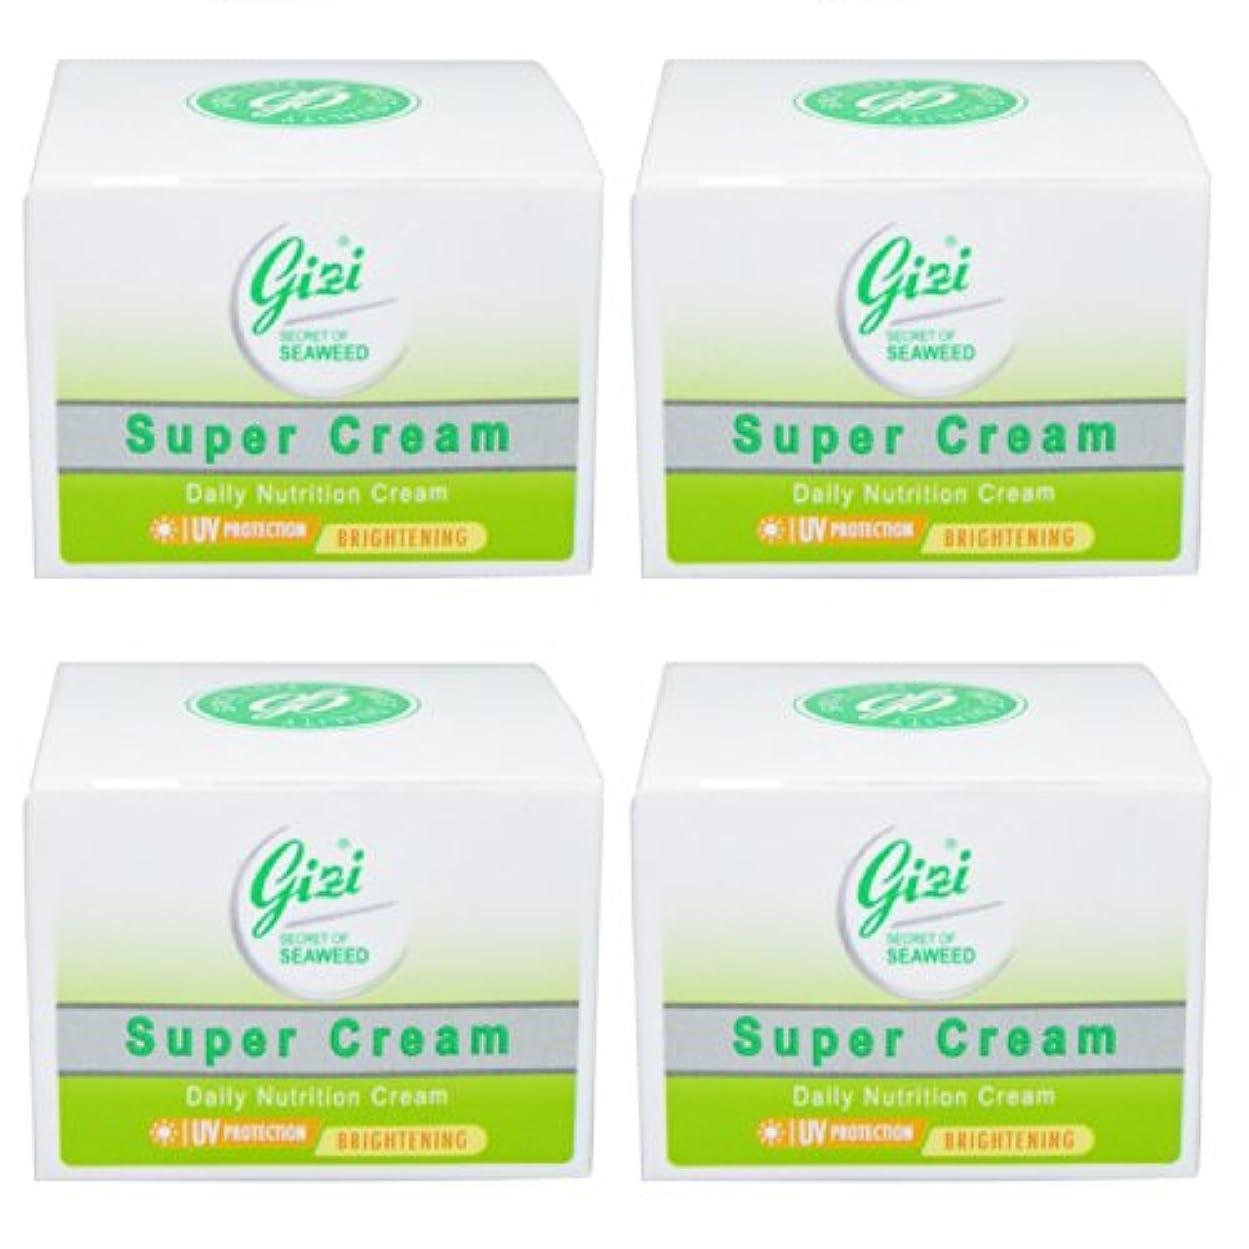 感謝祭マスク革命的GIZI Super Cream(ギジ スーパークリーム)フェイスクリーム9g 4個セット[並行輸入品][海外直送品]